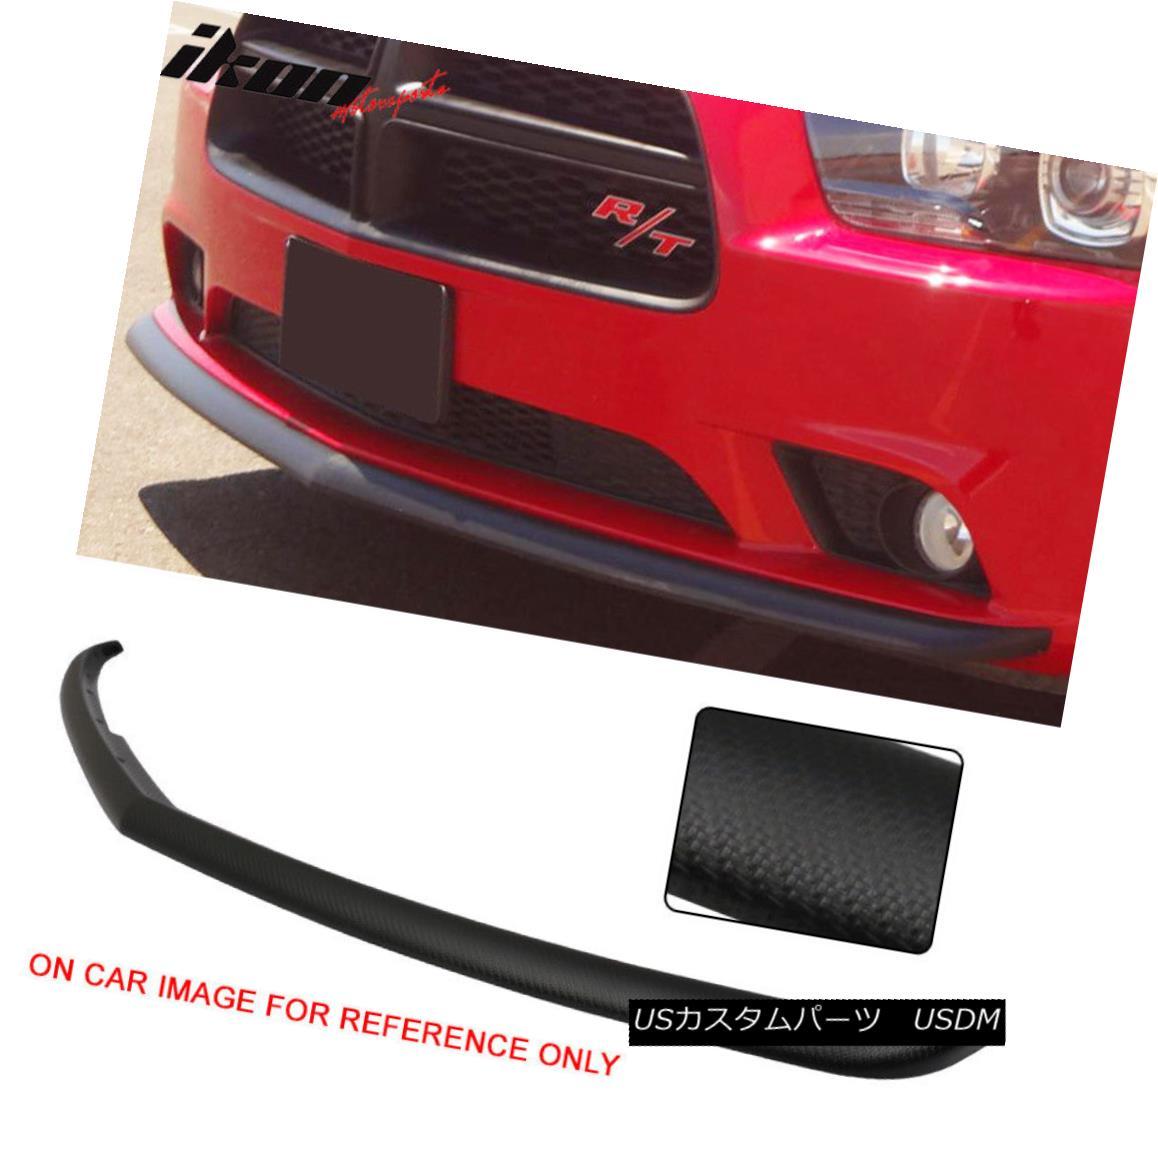 エアロパーツ Carbon Fiber Texture Fits 11-14 Charger Sedan 4Dr Front Bumper Lip OE Style - PP カーボンファイバーテクスチャー11-14チャージャーセダン4DrフロントバンパーリップOEスタイル - PP